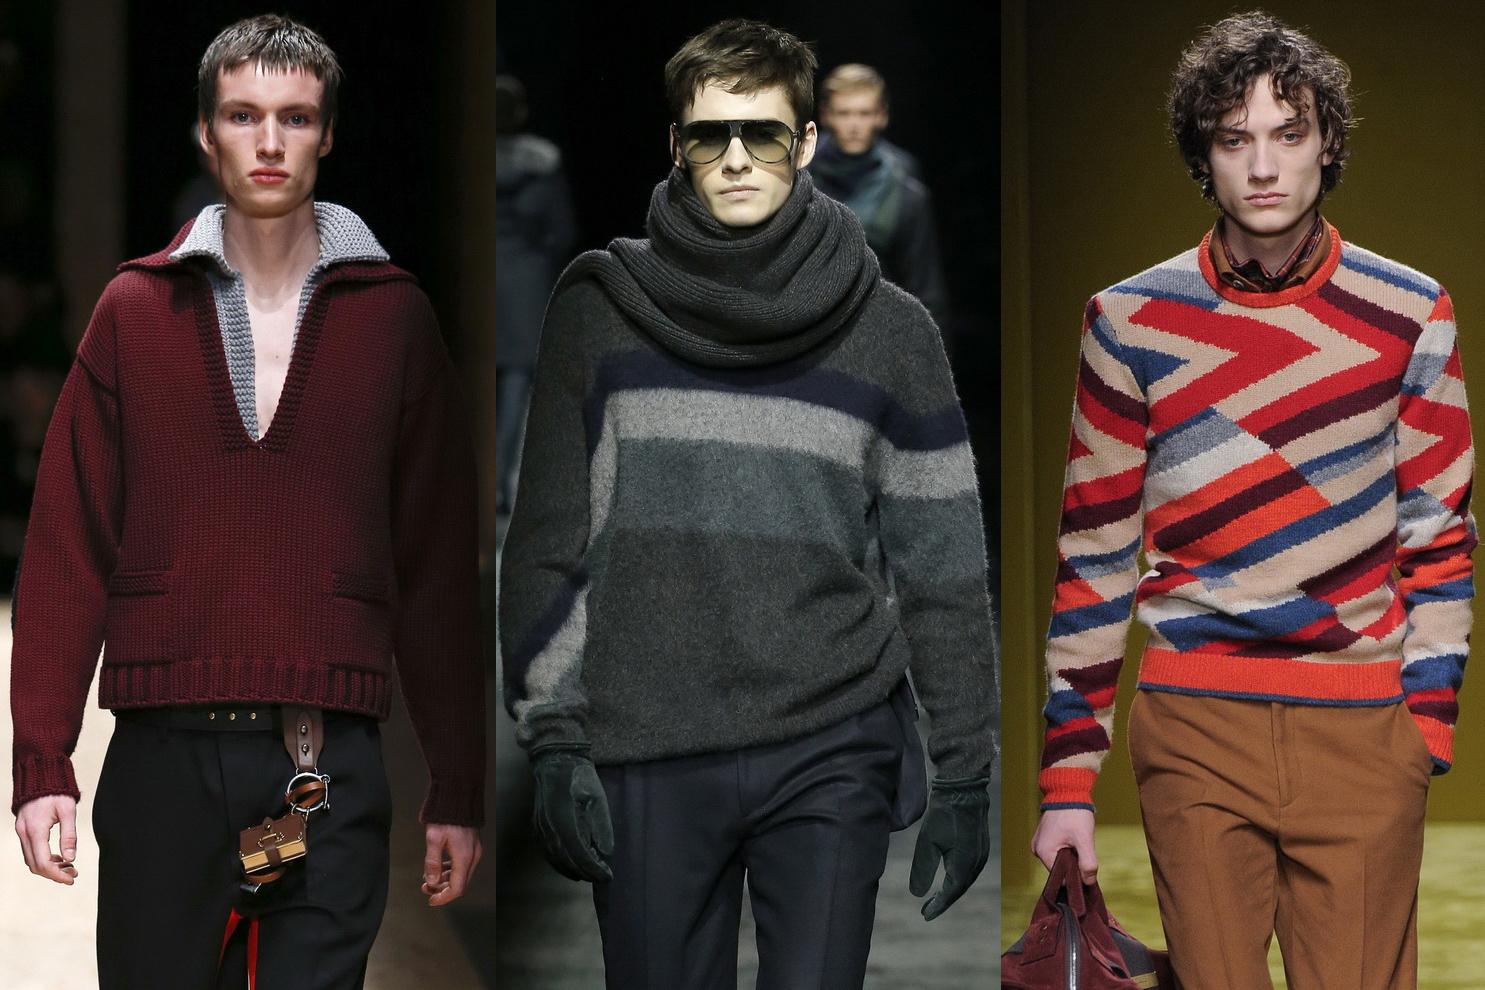 58cae2969cc1 Разгар зимнего сезона, праздники давно прошли и если есть желание можно  немного углубиться в тенденции моды современного мужского свитера и джемпера  от ...